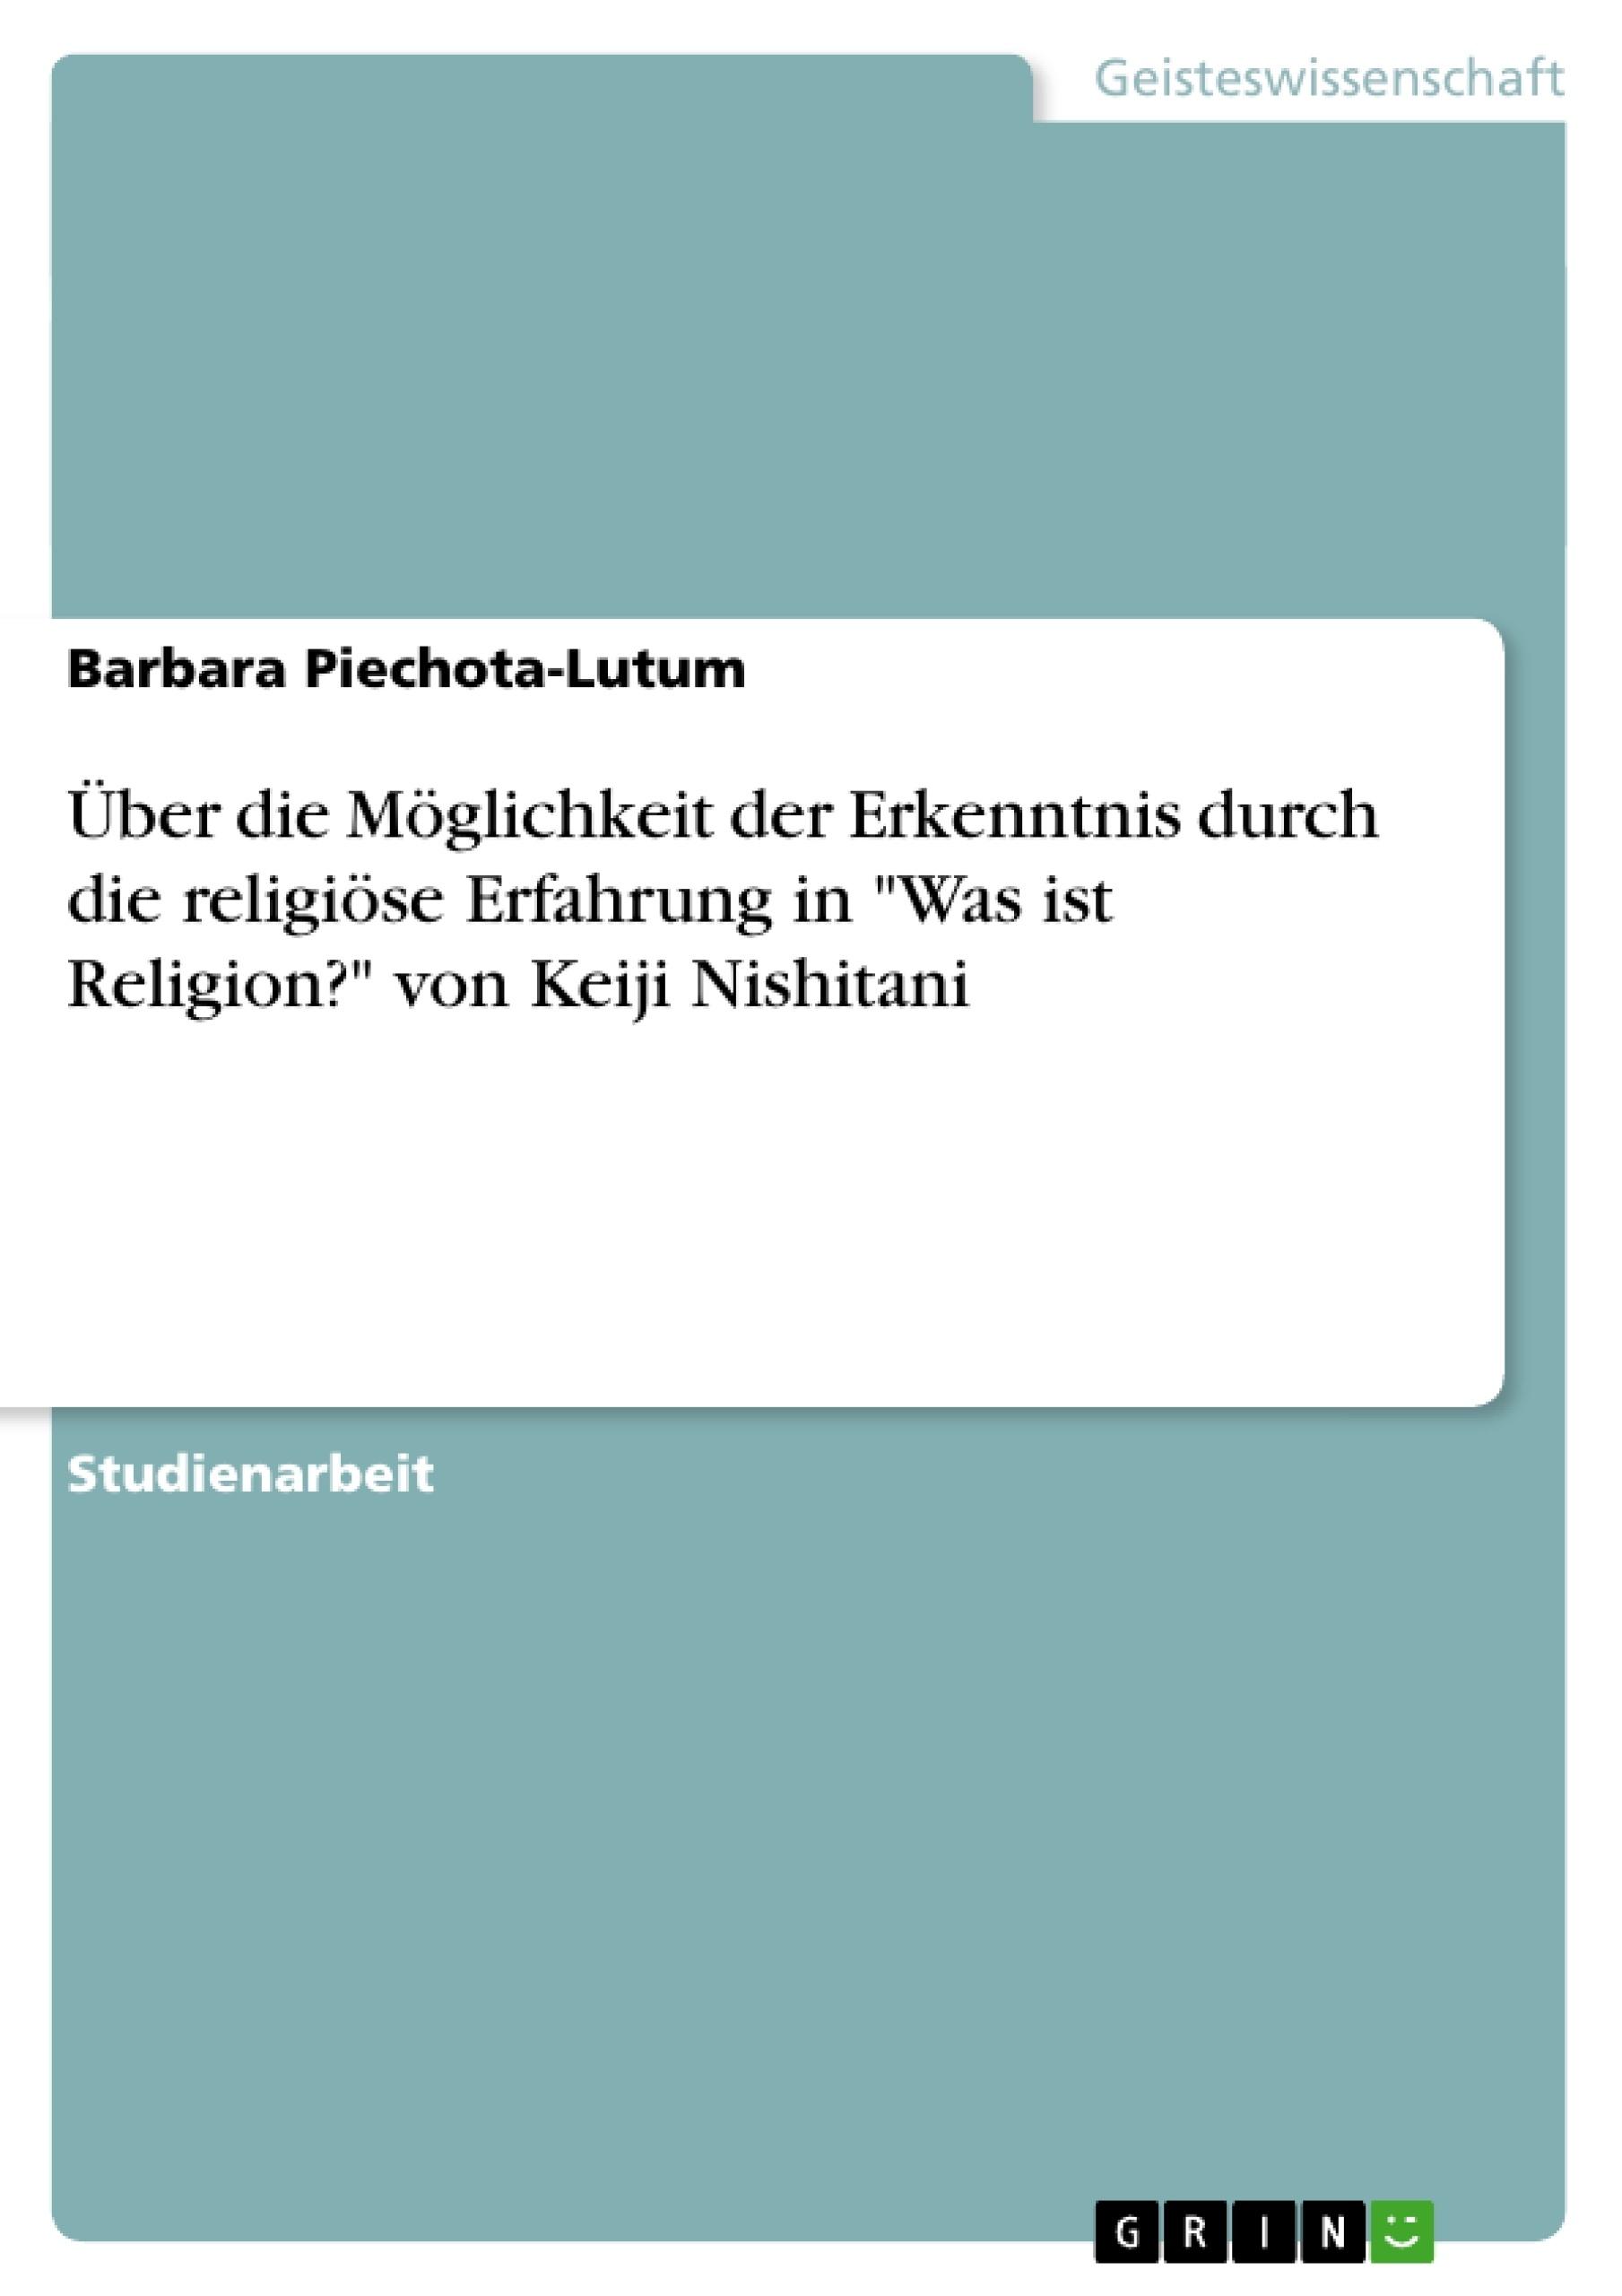 """Titel: Über die Möglichkeit der Erkenntnis durch die religiöse Erfahrung in """"Was ist Religion?"""" von Keiji Nishitani"""